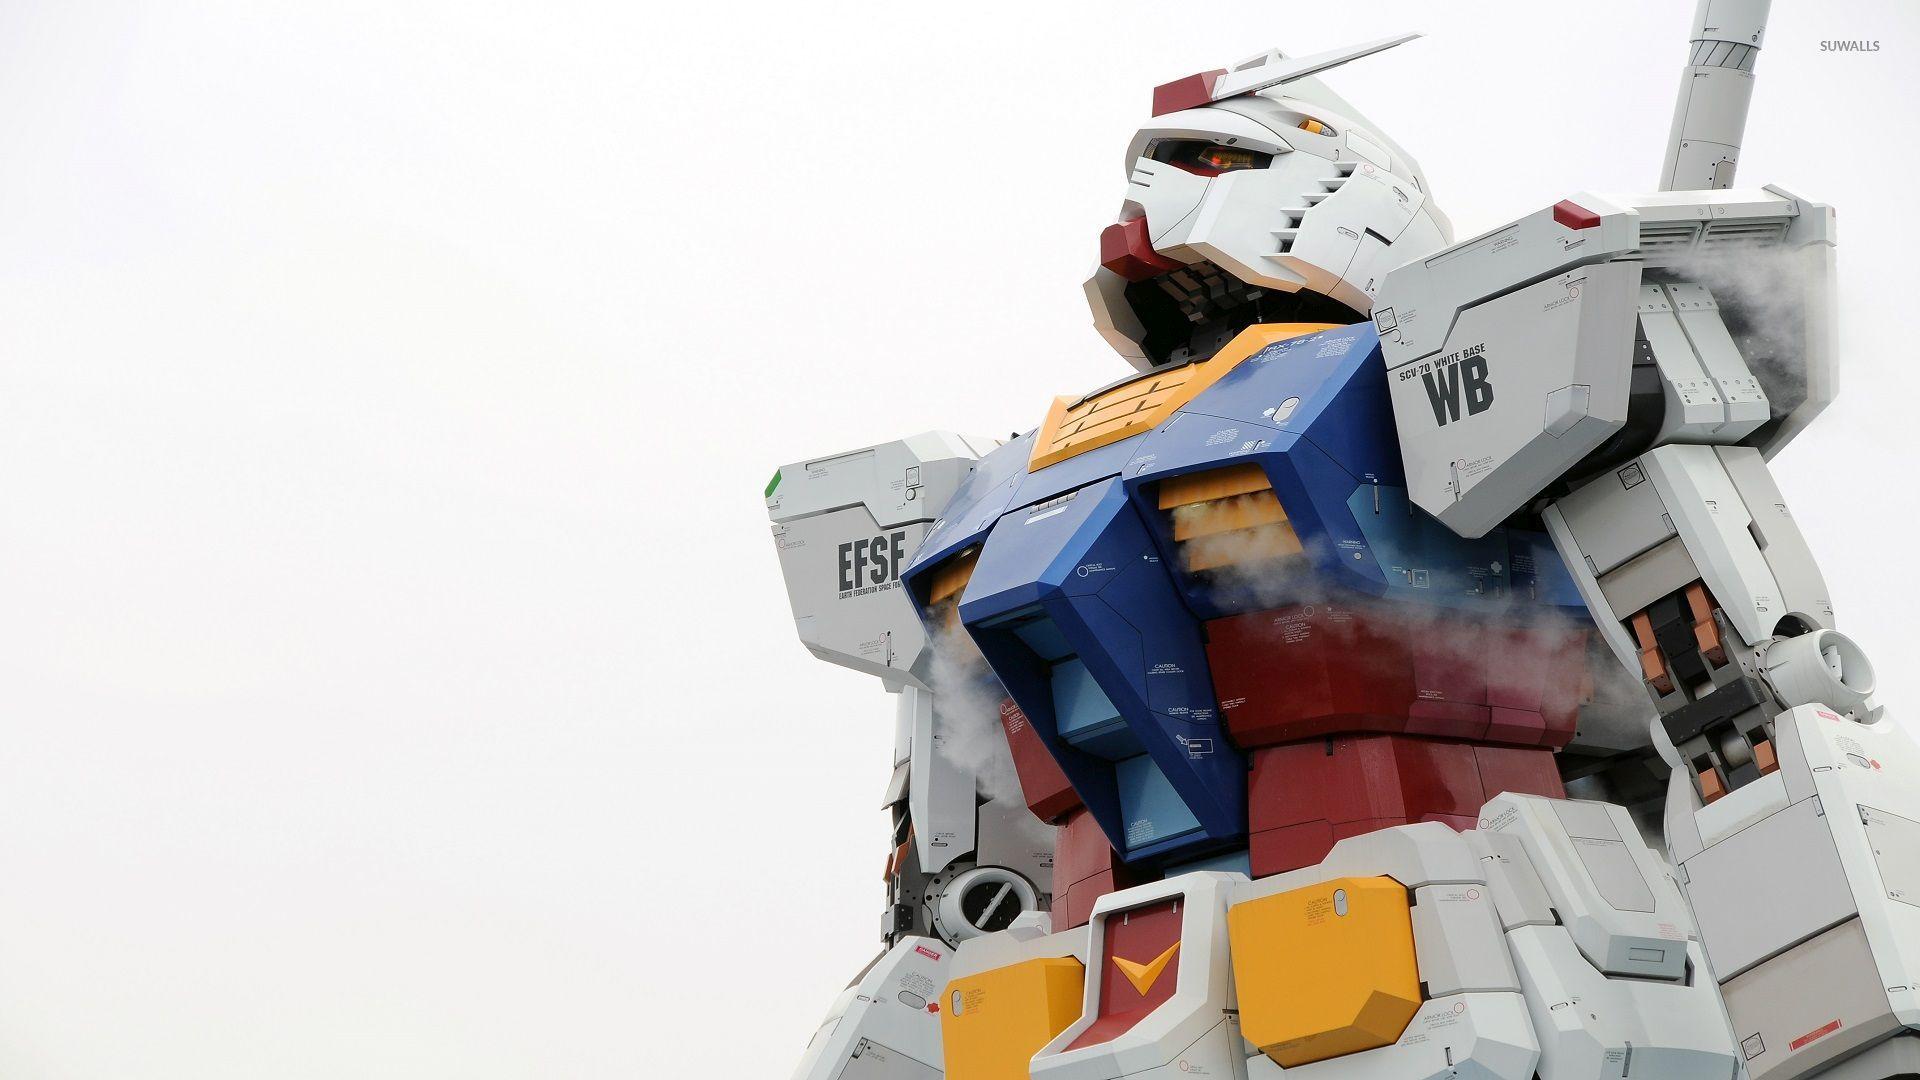 Gundam wallpaper 1920x1080 1920x1080